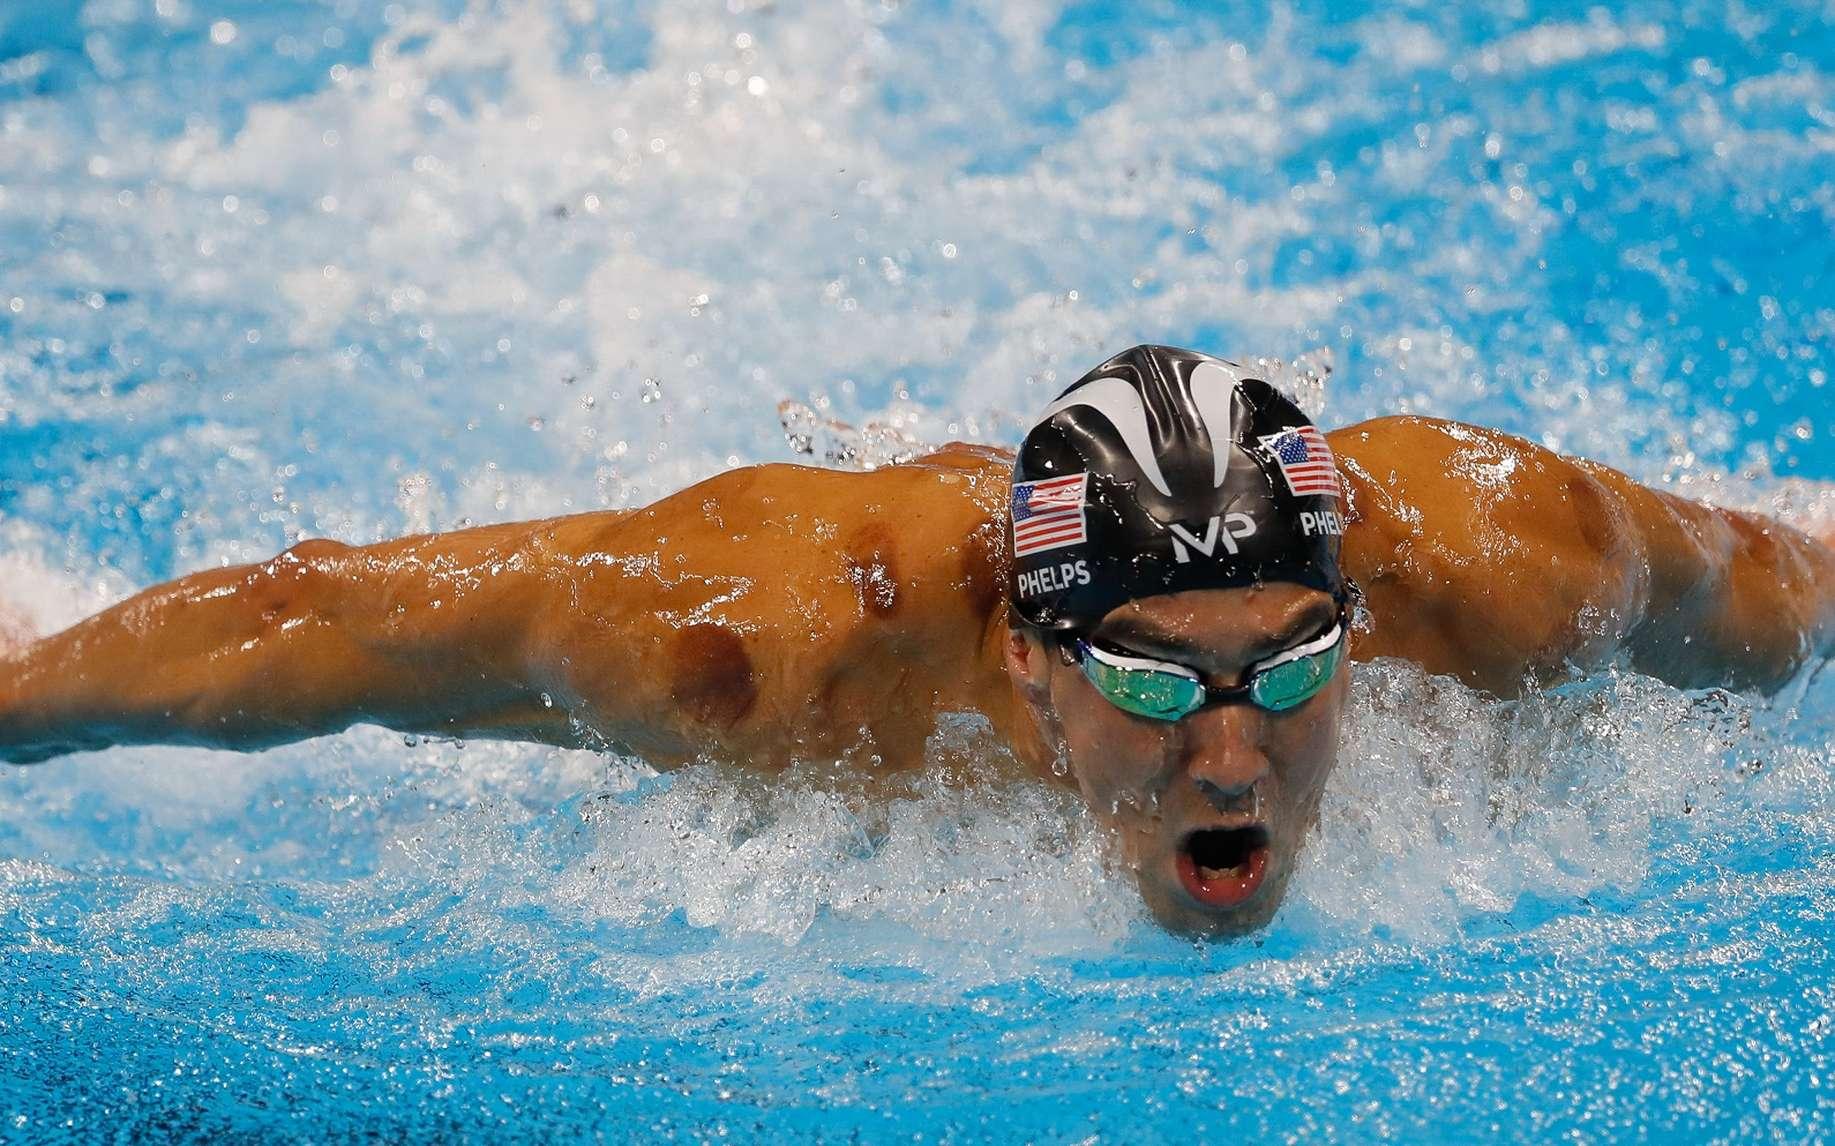 Le champion de natation Michael Phelps est apparu aux JO de Rio avec des cercles rouges sur le corps : les traces d'une thérapie par ventouses ou « cupping ». © Fernando Frazão, Agência Brasil, Wikimedia Commons, CC by 3.0